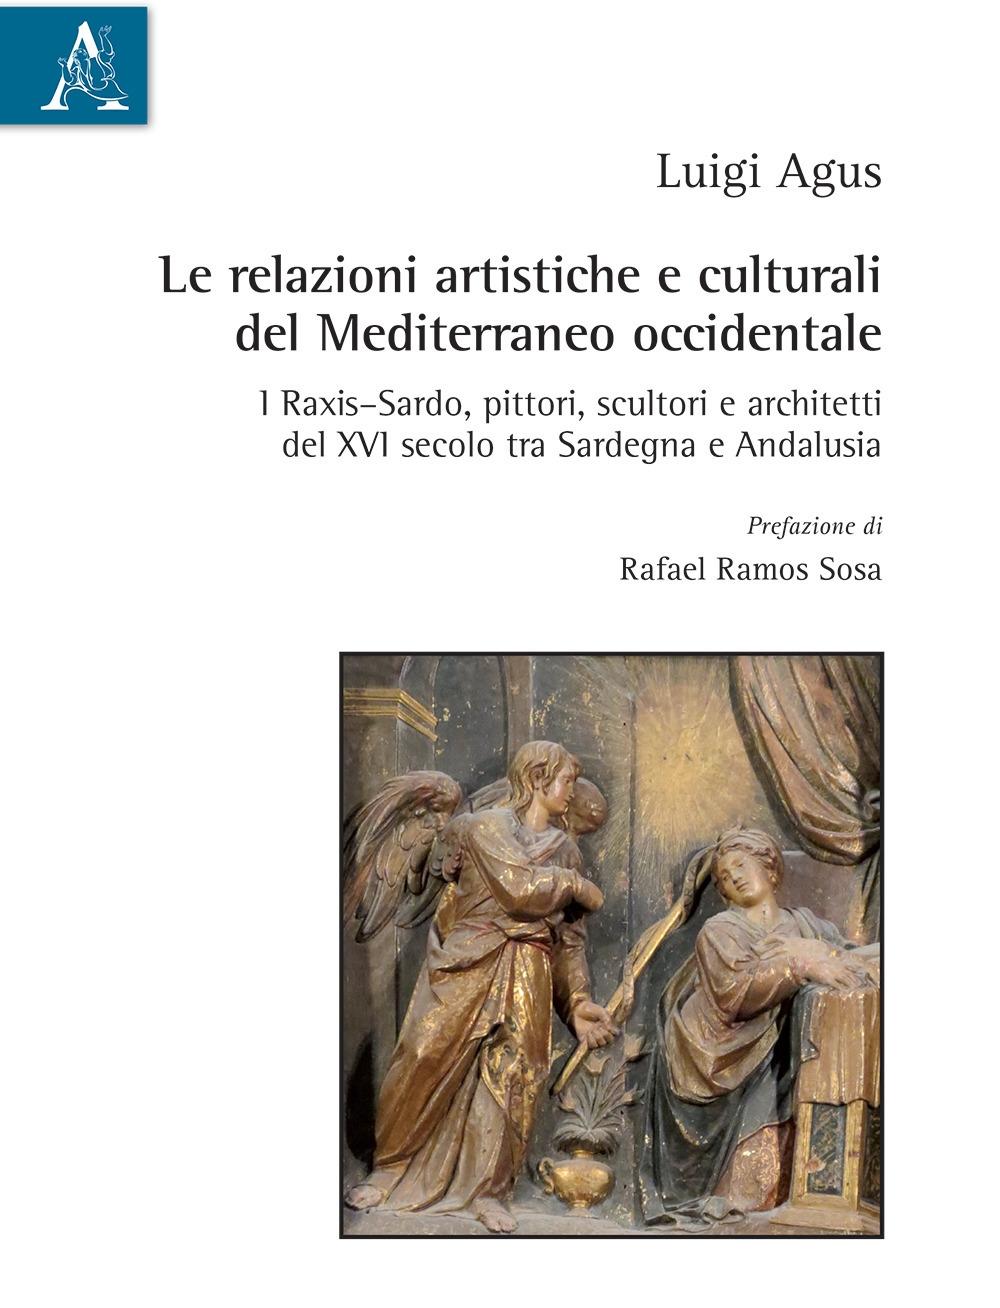 Le relazioni artistiche e culturali del Mediterraneo occidentale. I Raxis-Sardo, pittori, scultori e architetti del XVI secolo, tra Sardegna e Andalusia